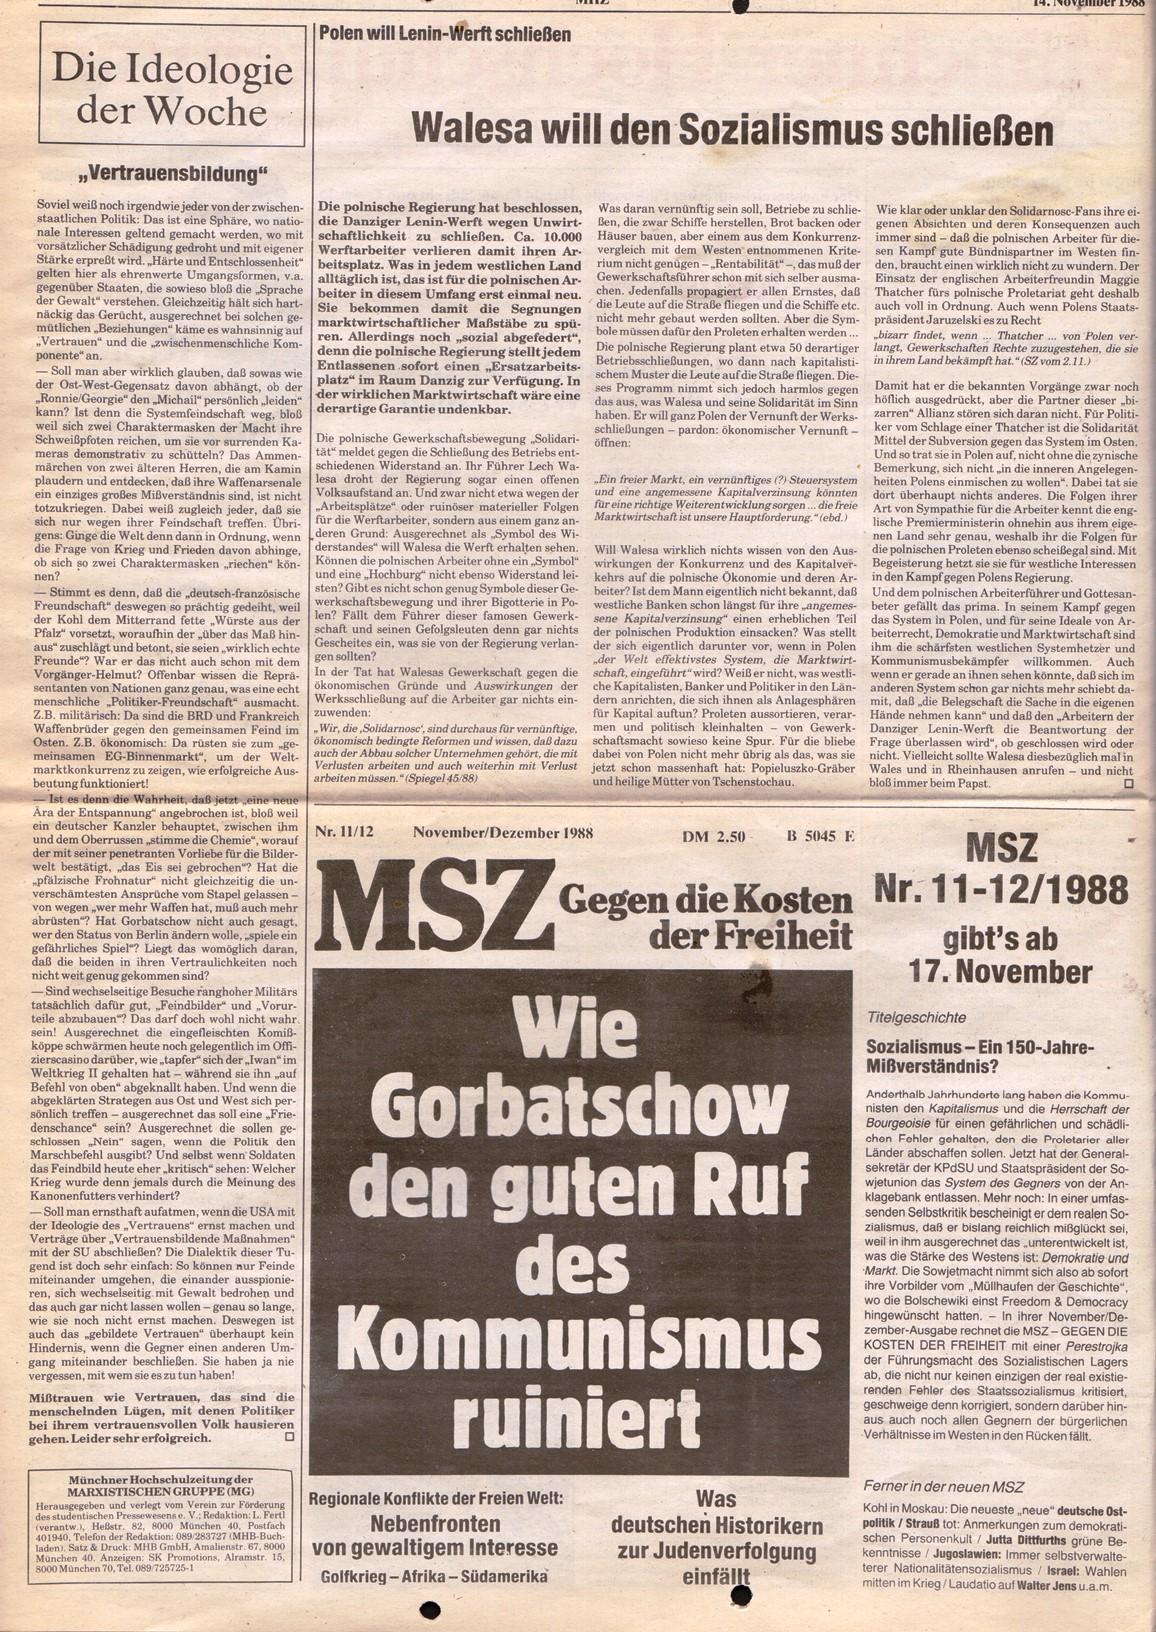 Muenchen_MG_Hochschulzeitung_19881114_02